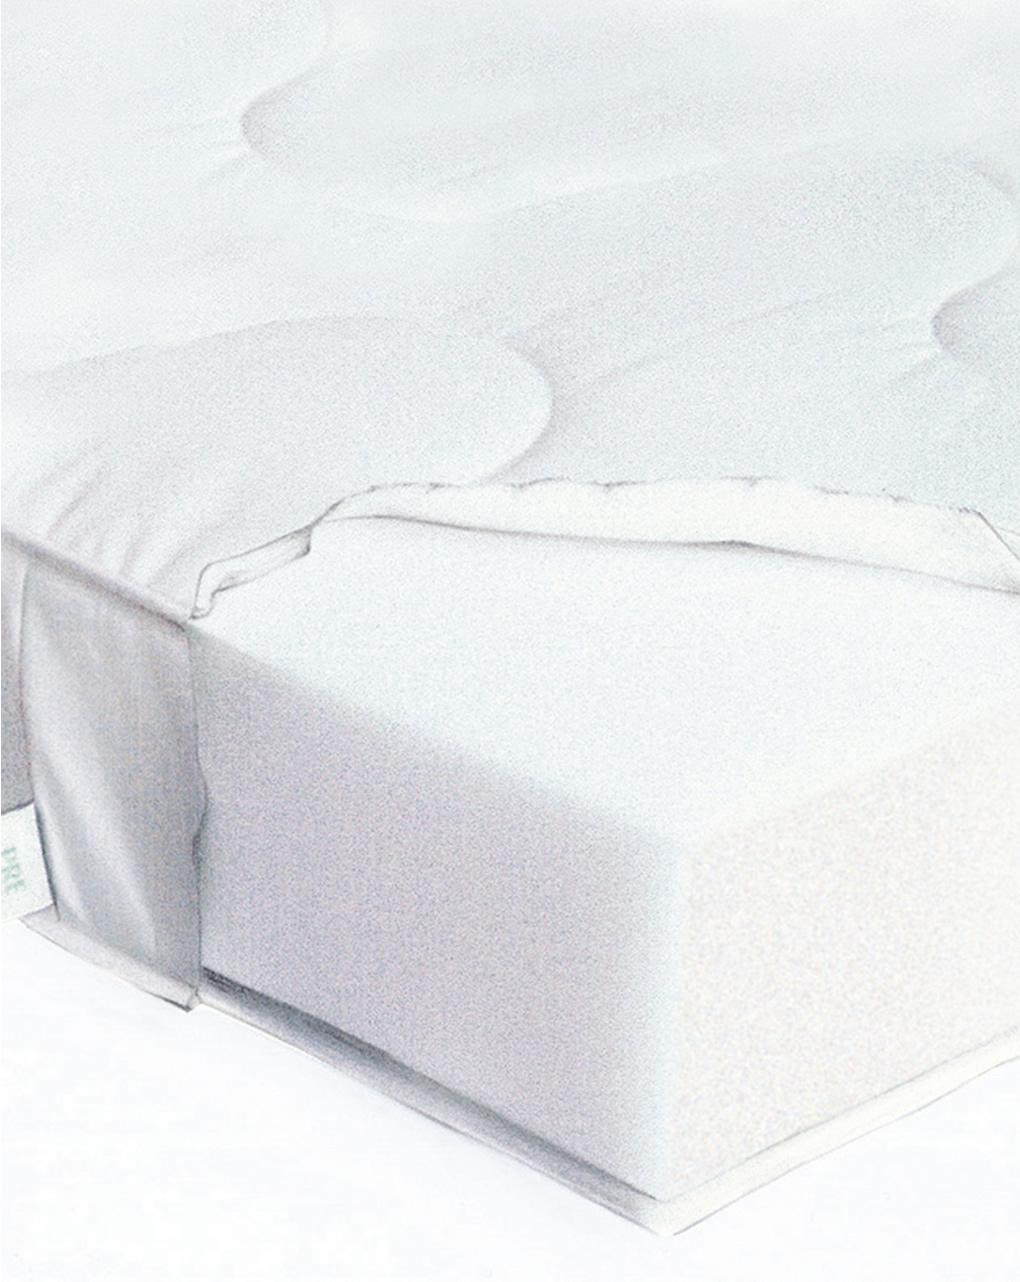 Colchão acolchoado com capa removível 125x60 - Giordani